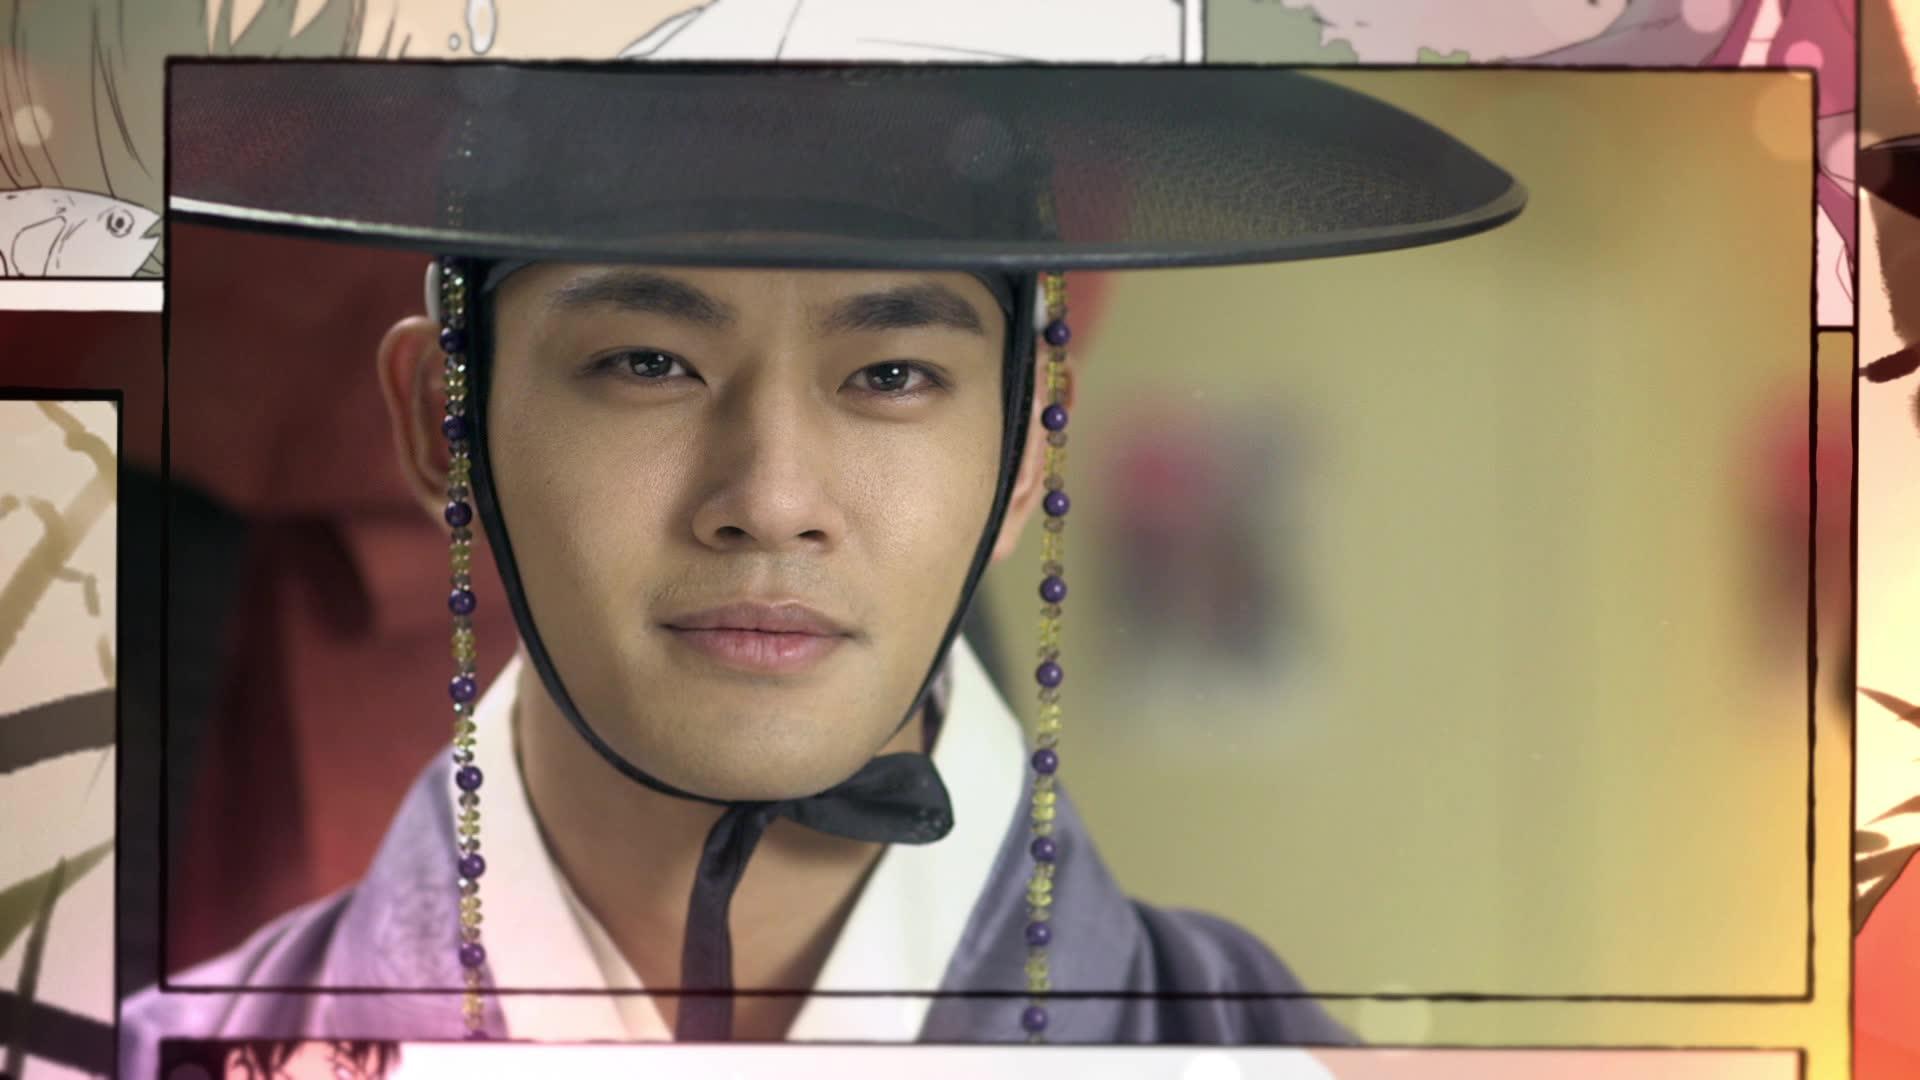 Trailer 2: Prince's Prince